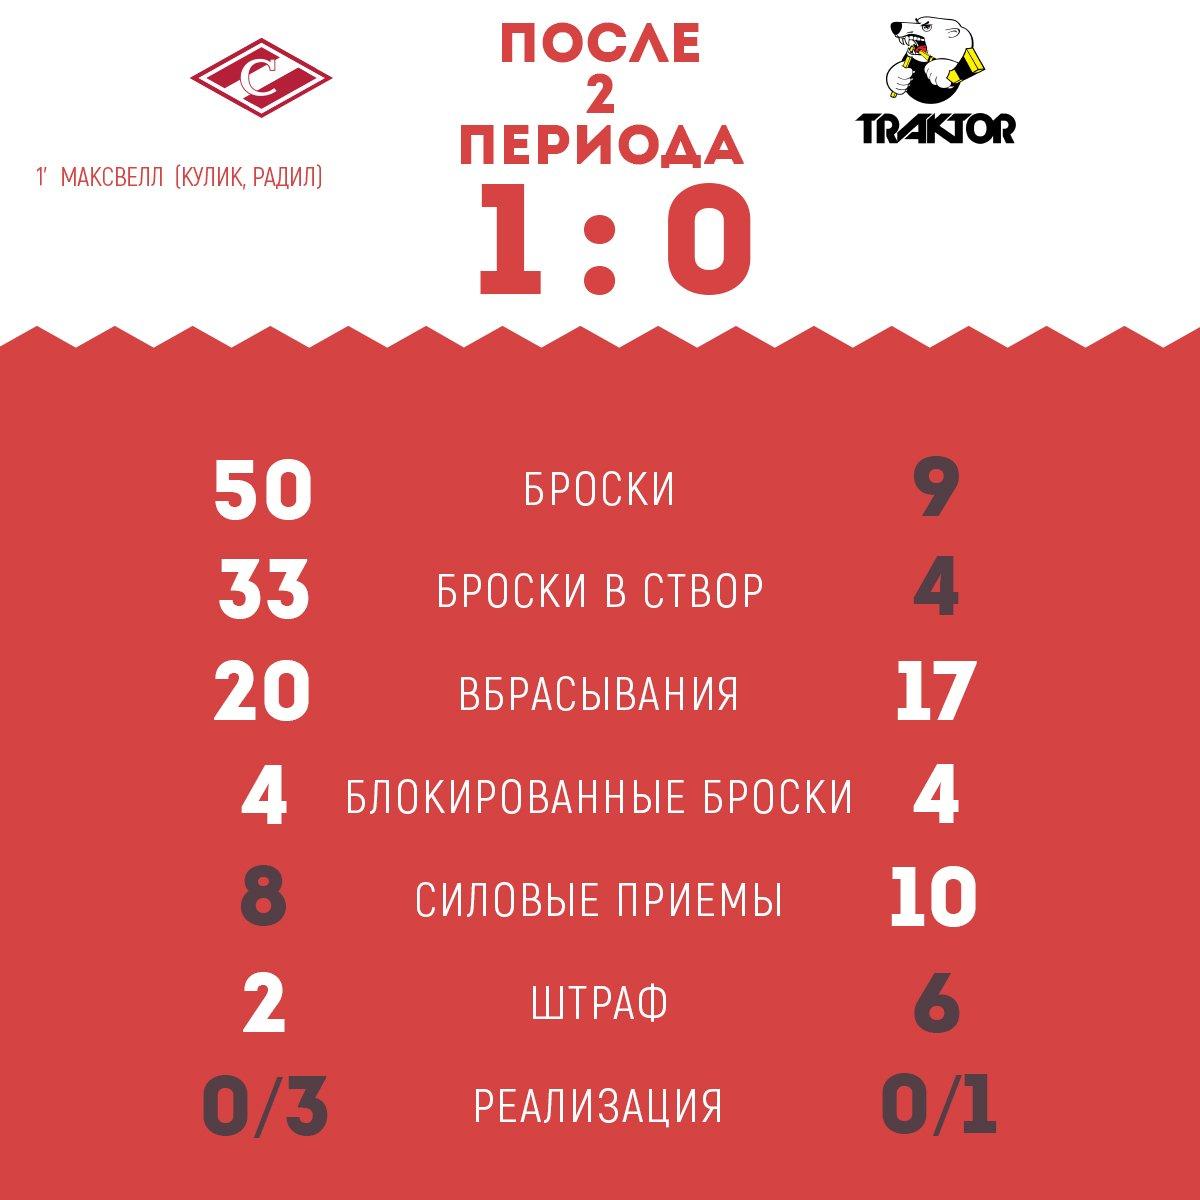 Статистика матча «Спартак» vs «Трактор» после 2-го периода